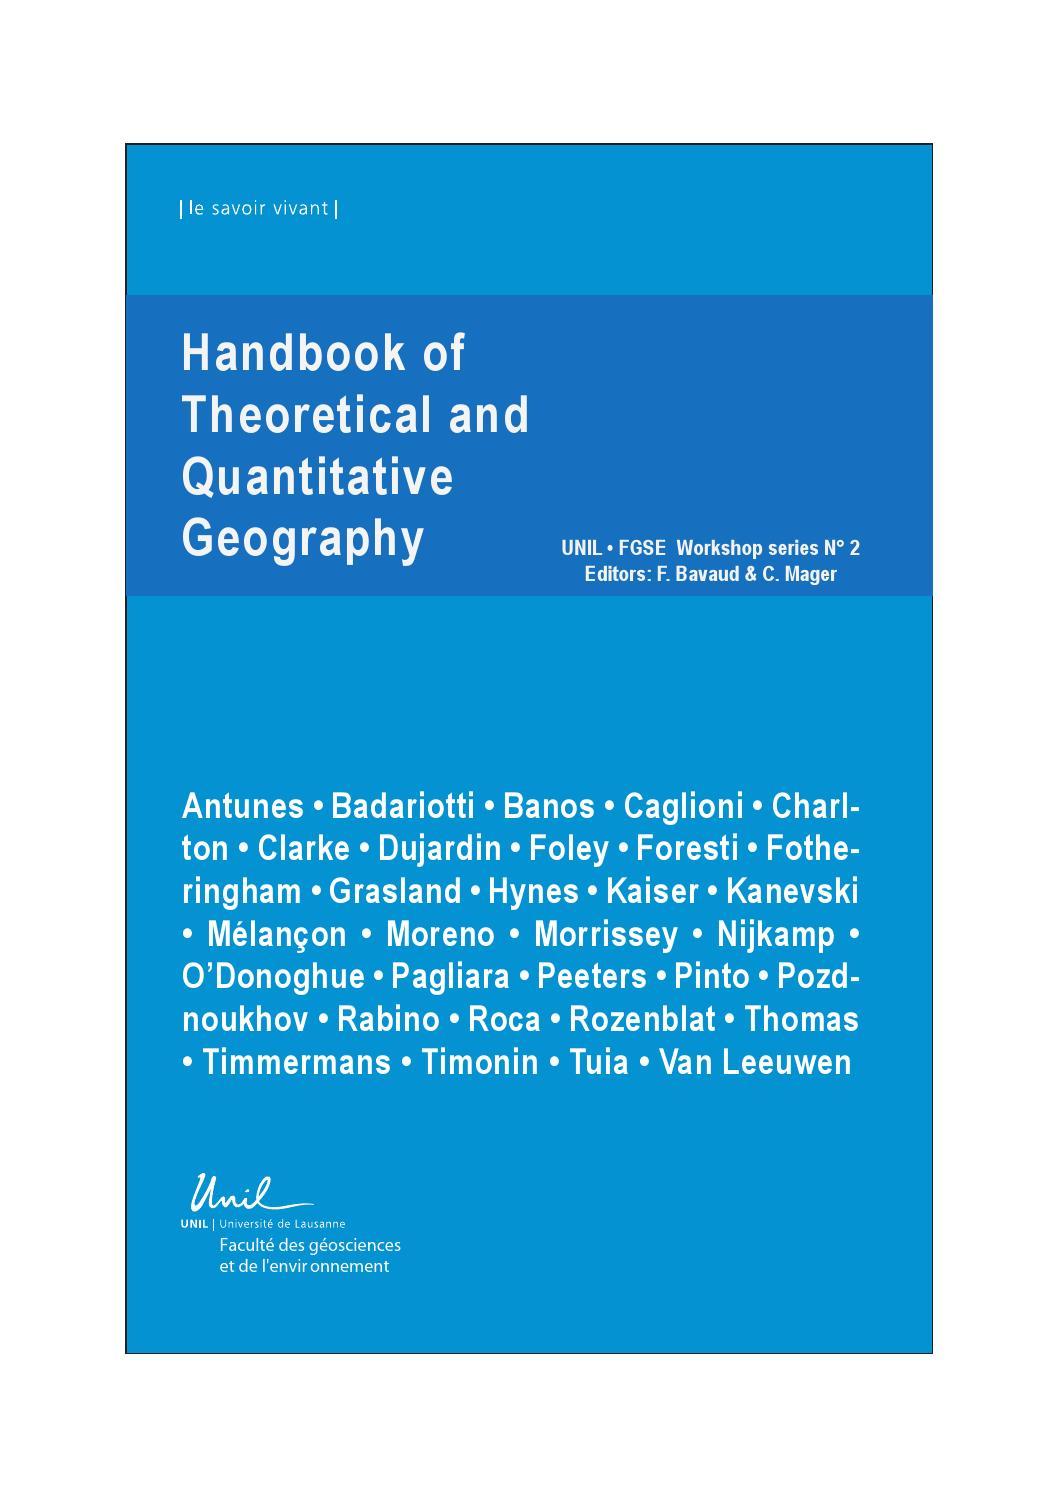 Handbook of theoritical and quantitative geography 2009 by handbook of theoritical and quantitative geography 2009 by institut de gographie et durabilit unil issuu buycottarizona